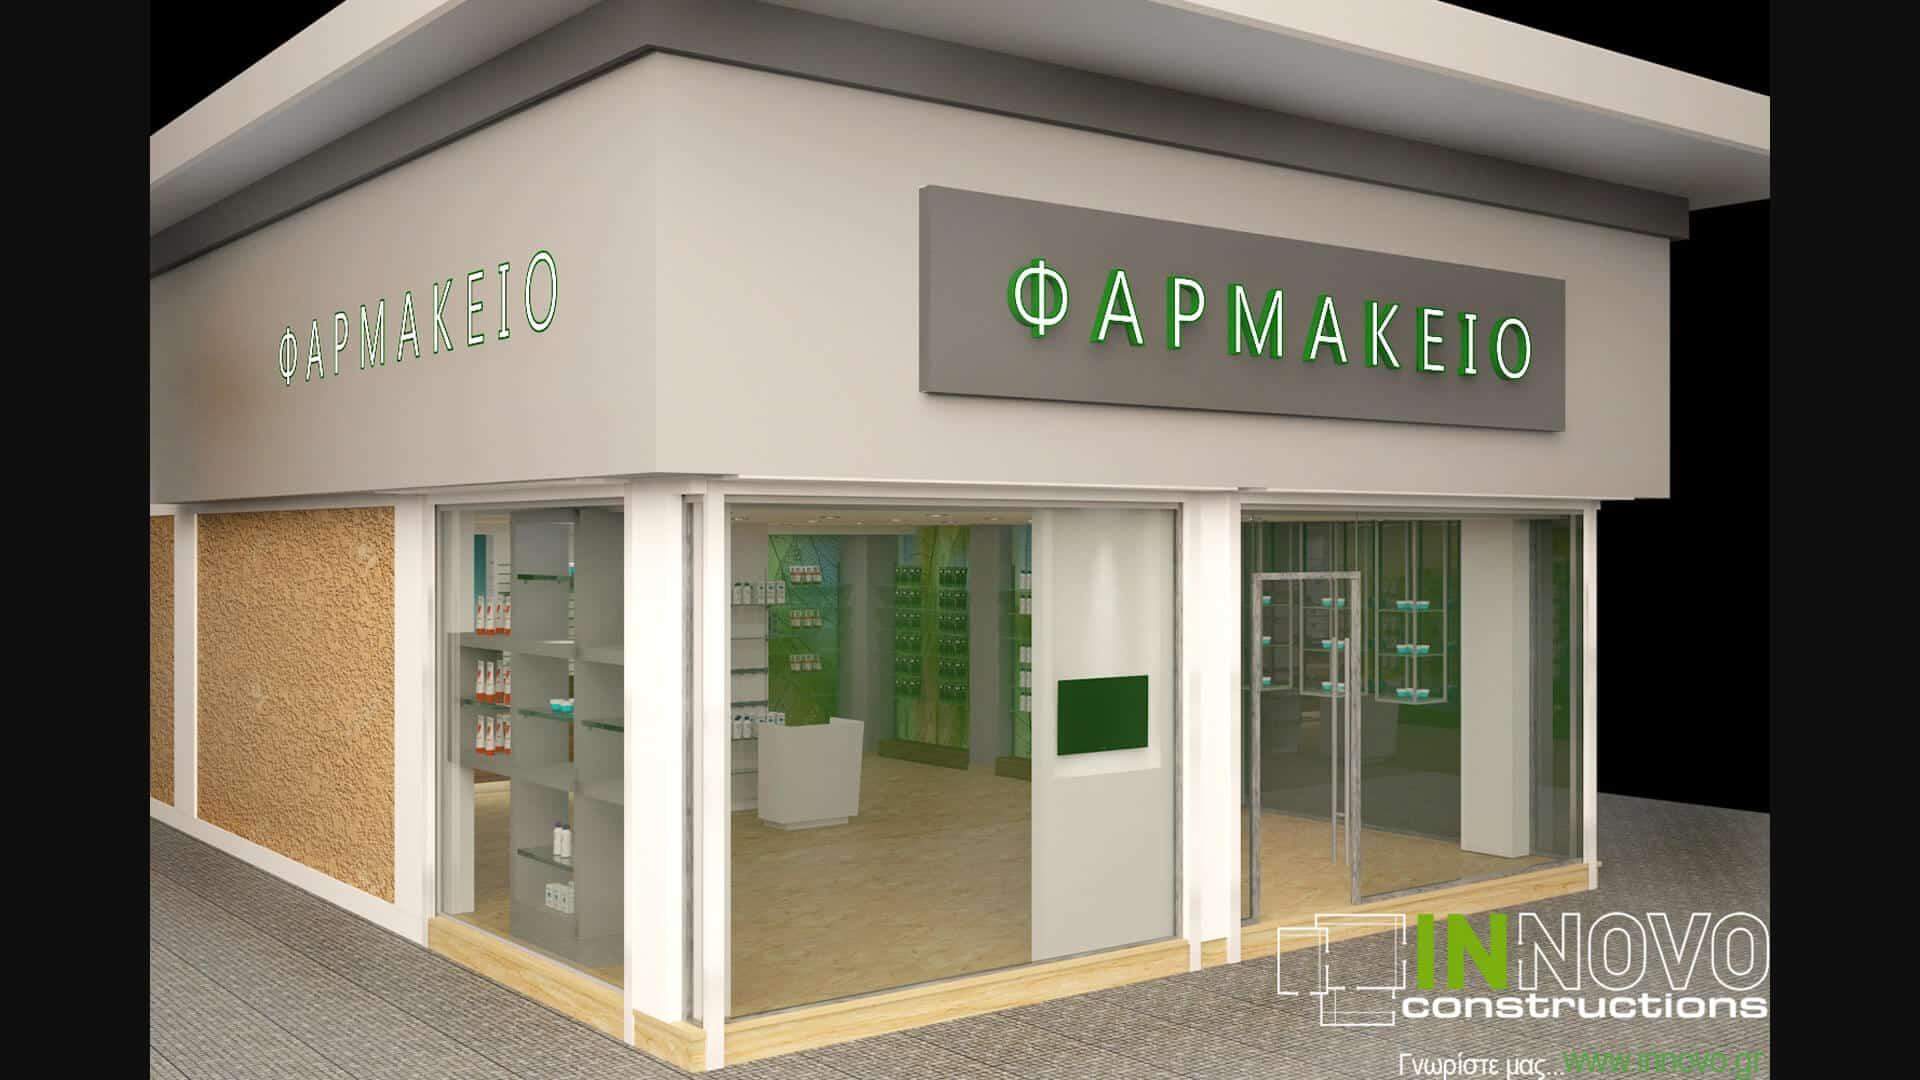 Μελέτη σχεδιασμού φαρμακείου στο Νέο Ηράκλειοαπό την Innovo